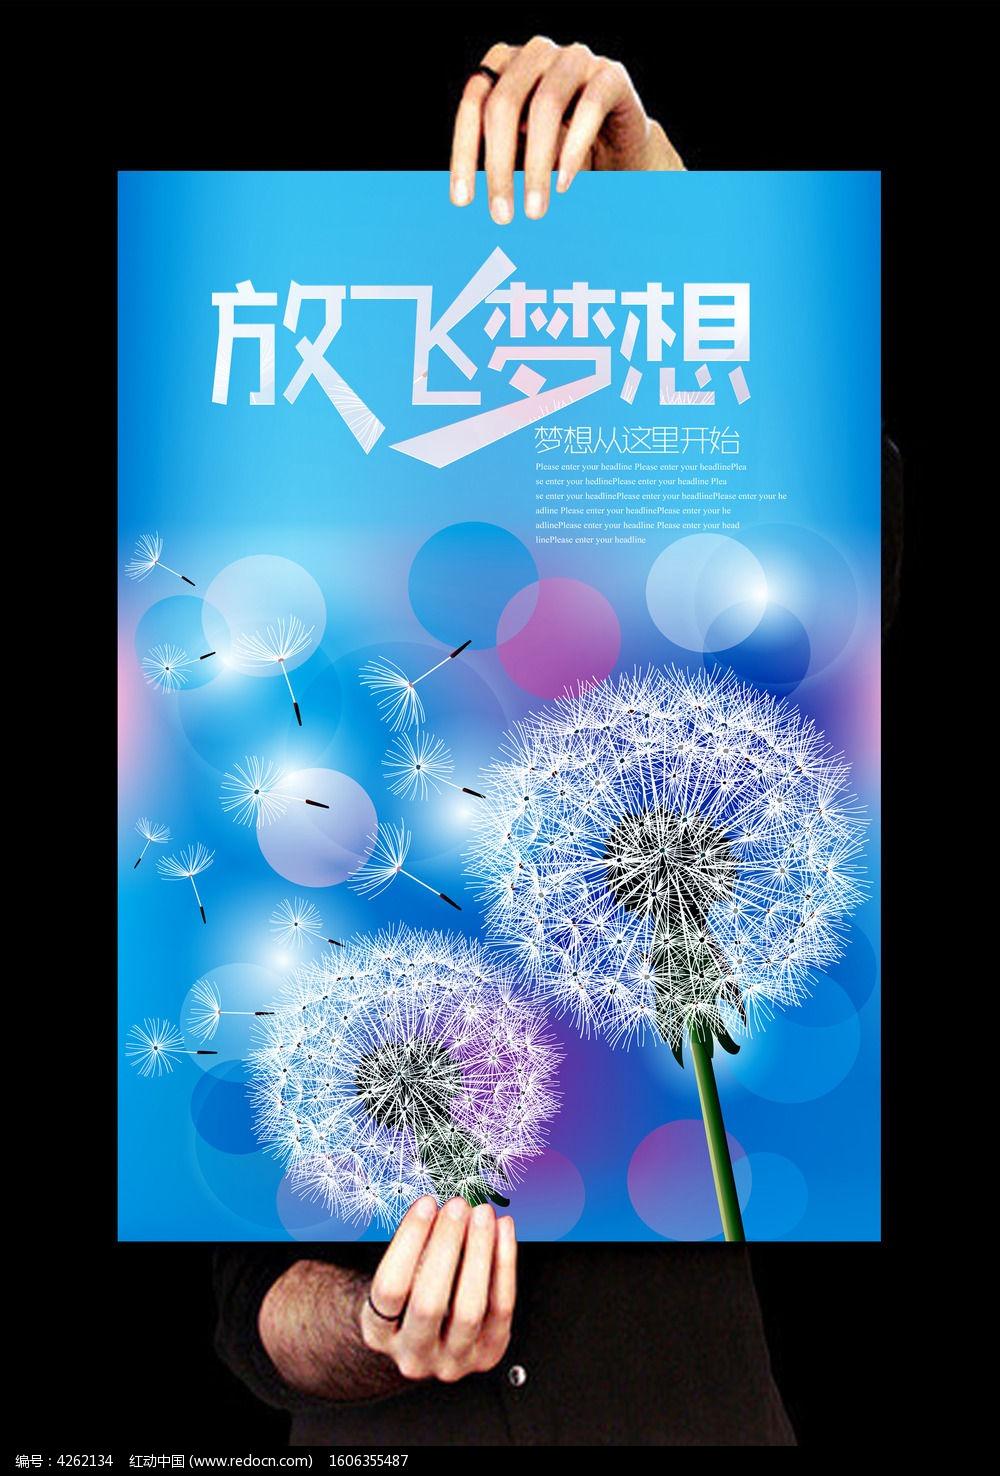 创意中国蓝放飞梦想海报设计图片